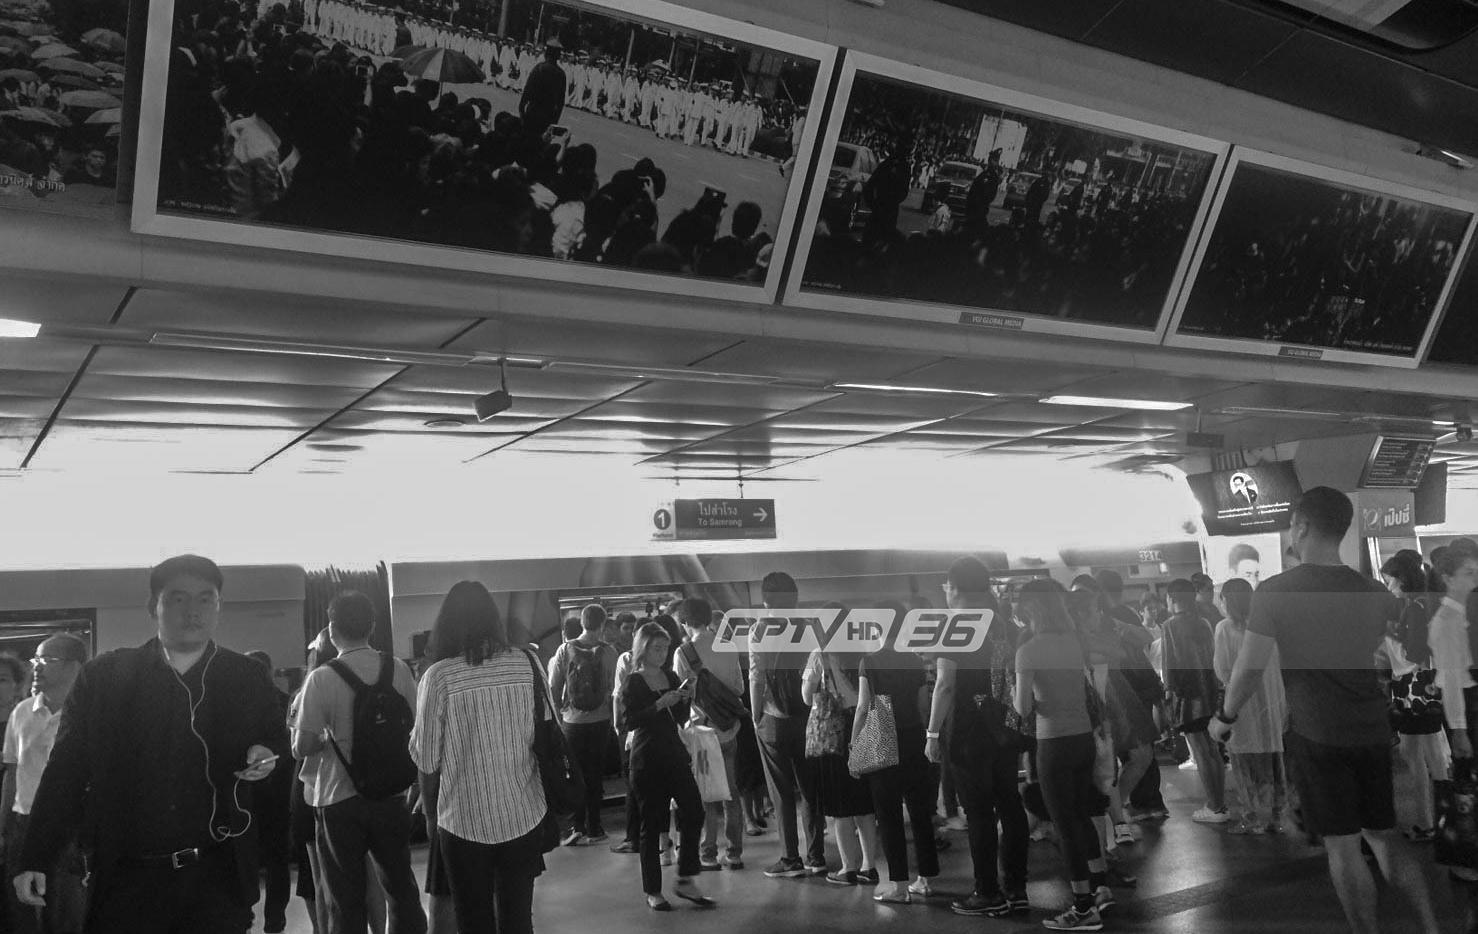 """5 สถานี """"บีทีเอส"""" แสดงภาพในหลวง ร.9 รำลึกถึงพระมหากรุณาธิคุณ"""